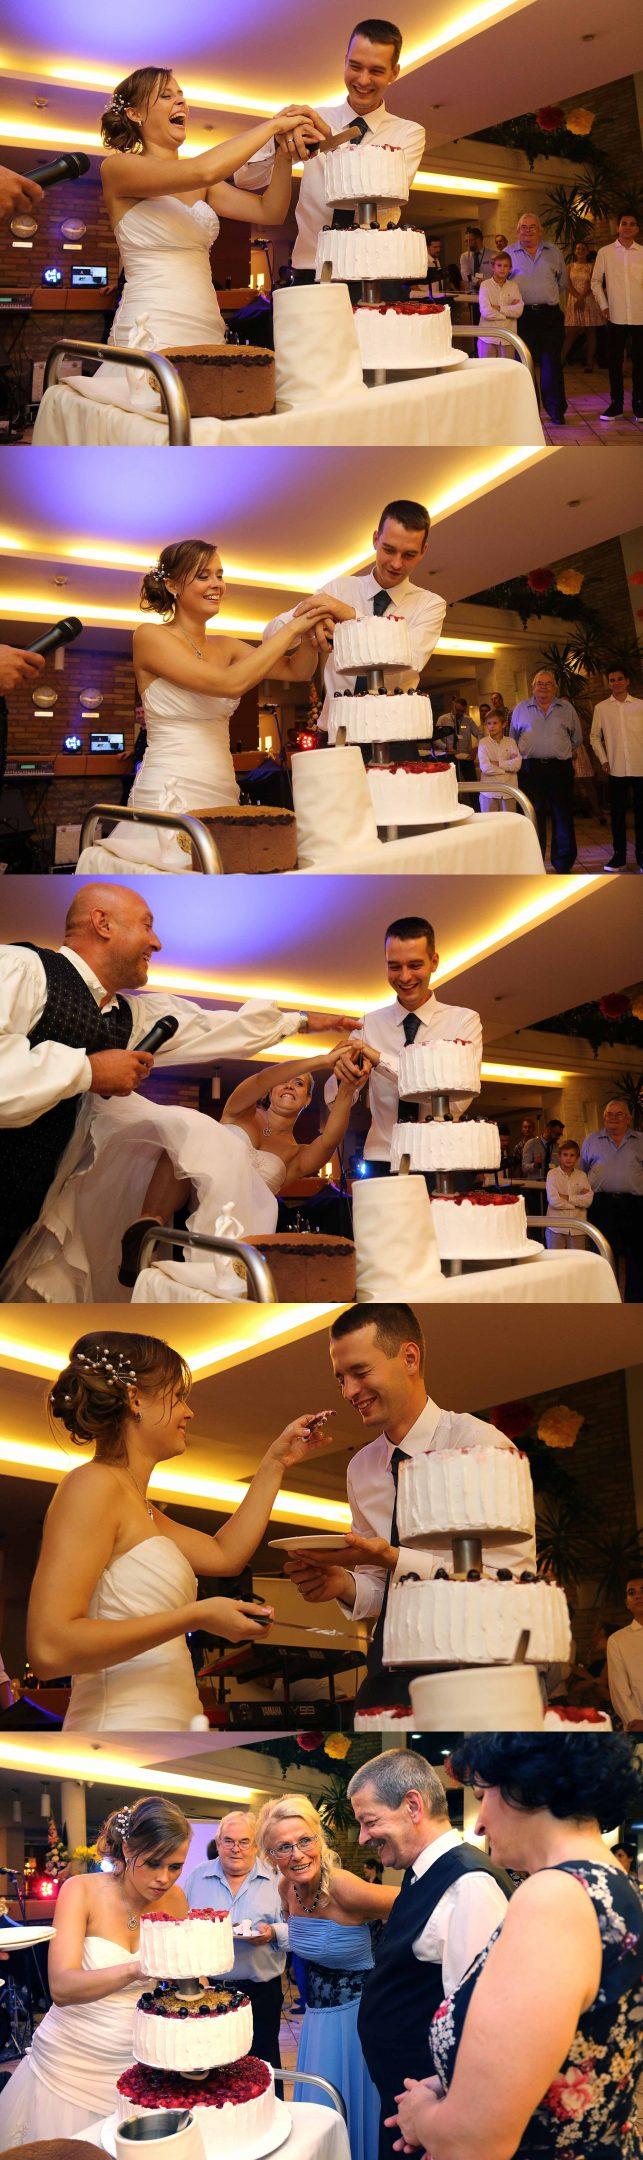 Tortavágás esküvőn több szemszögből mosolygó menyasszonnyal, vicces figura esküvőn, esküvői tortavágás sorozatkép